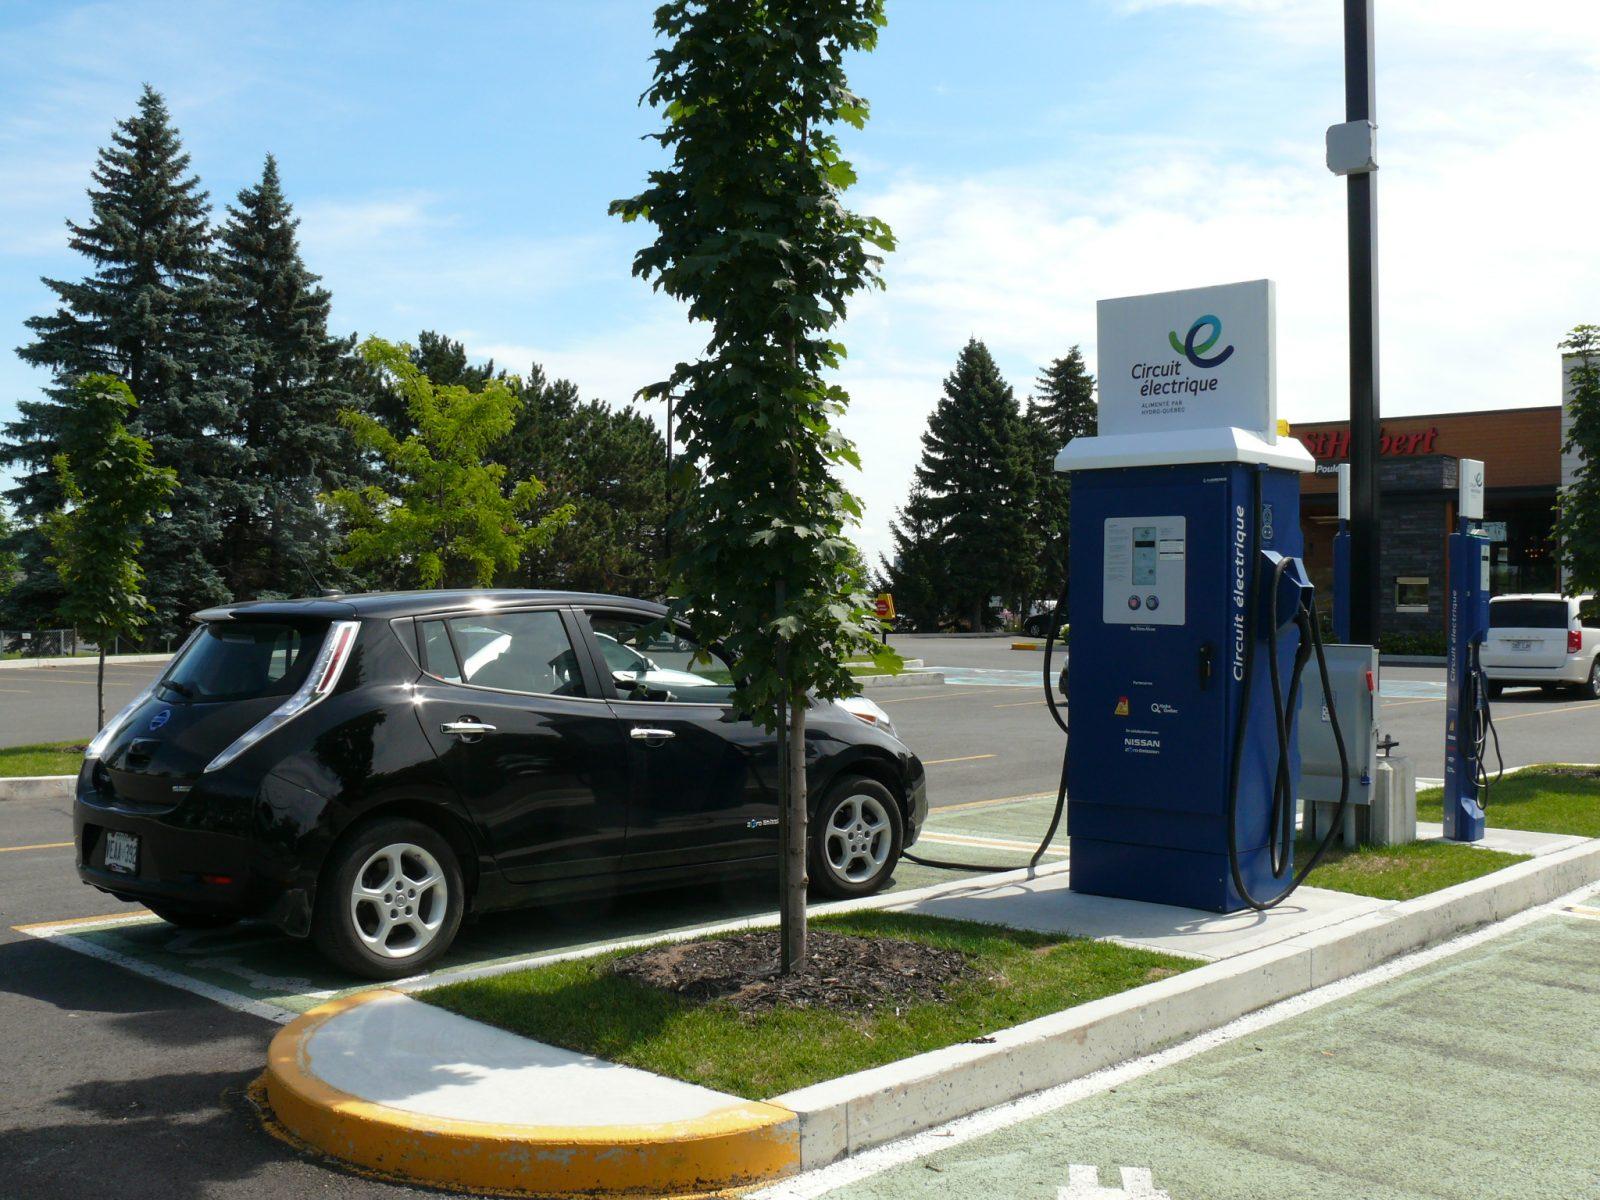 Les garanties des véhicules électriques doivent être plus précises, selon le CAA